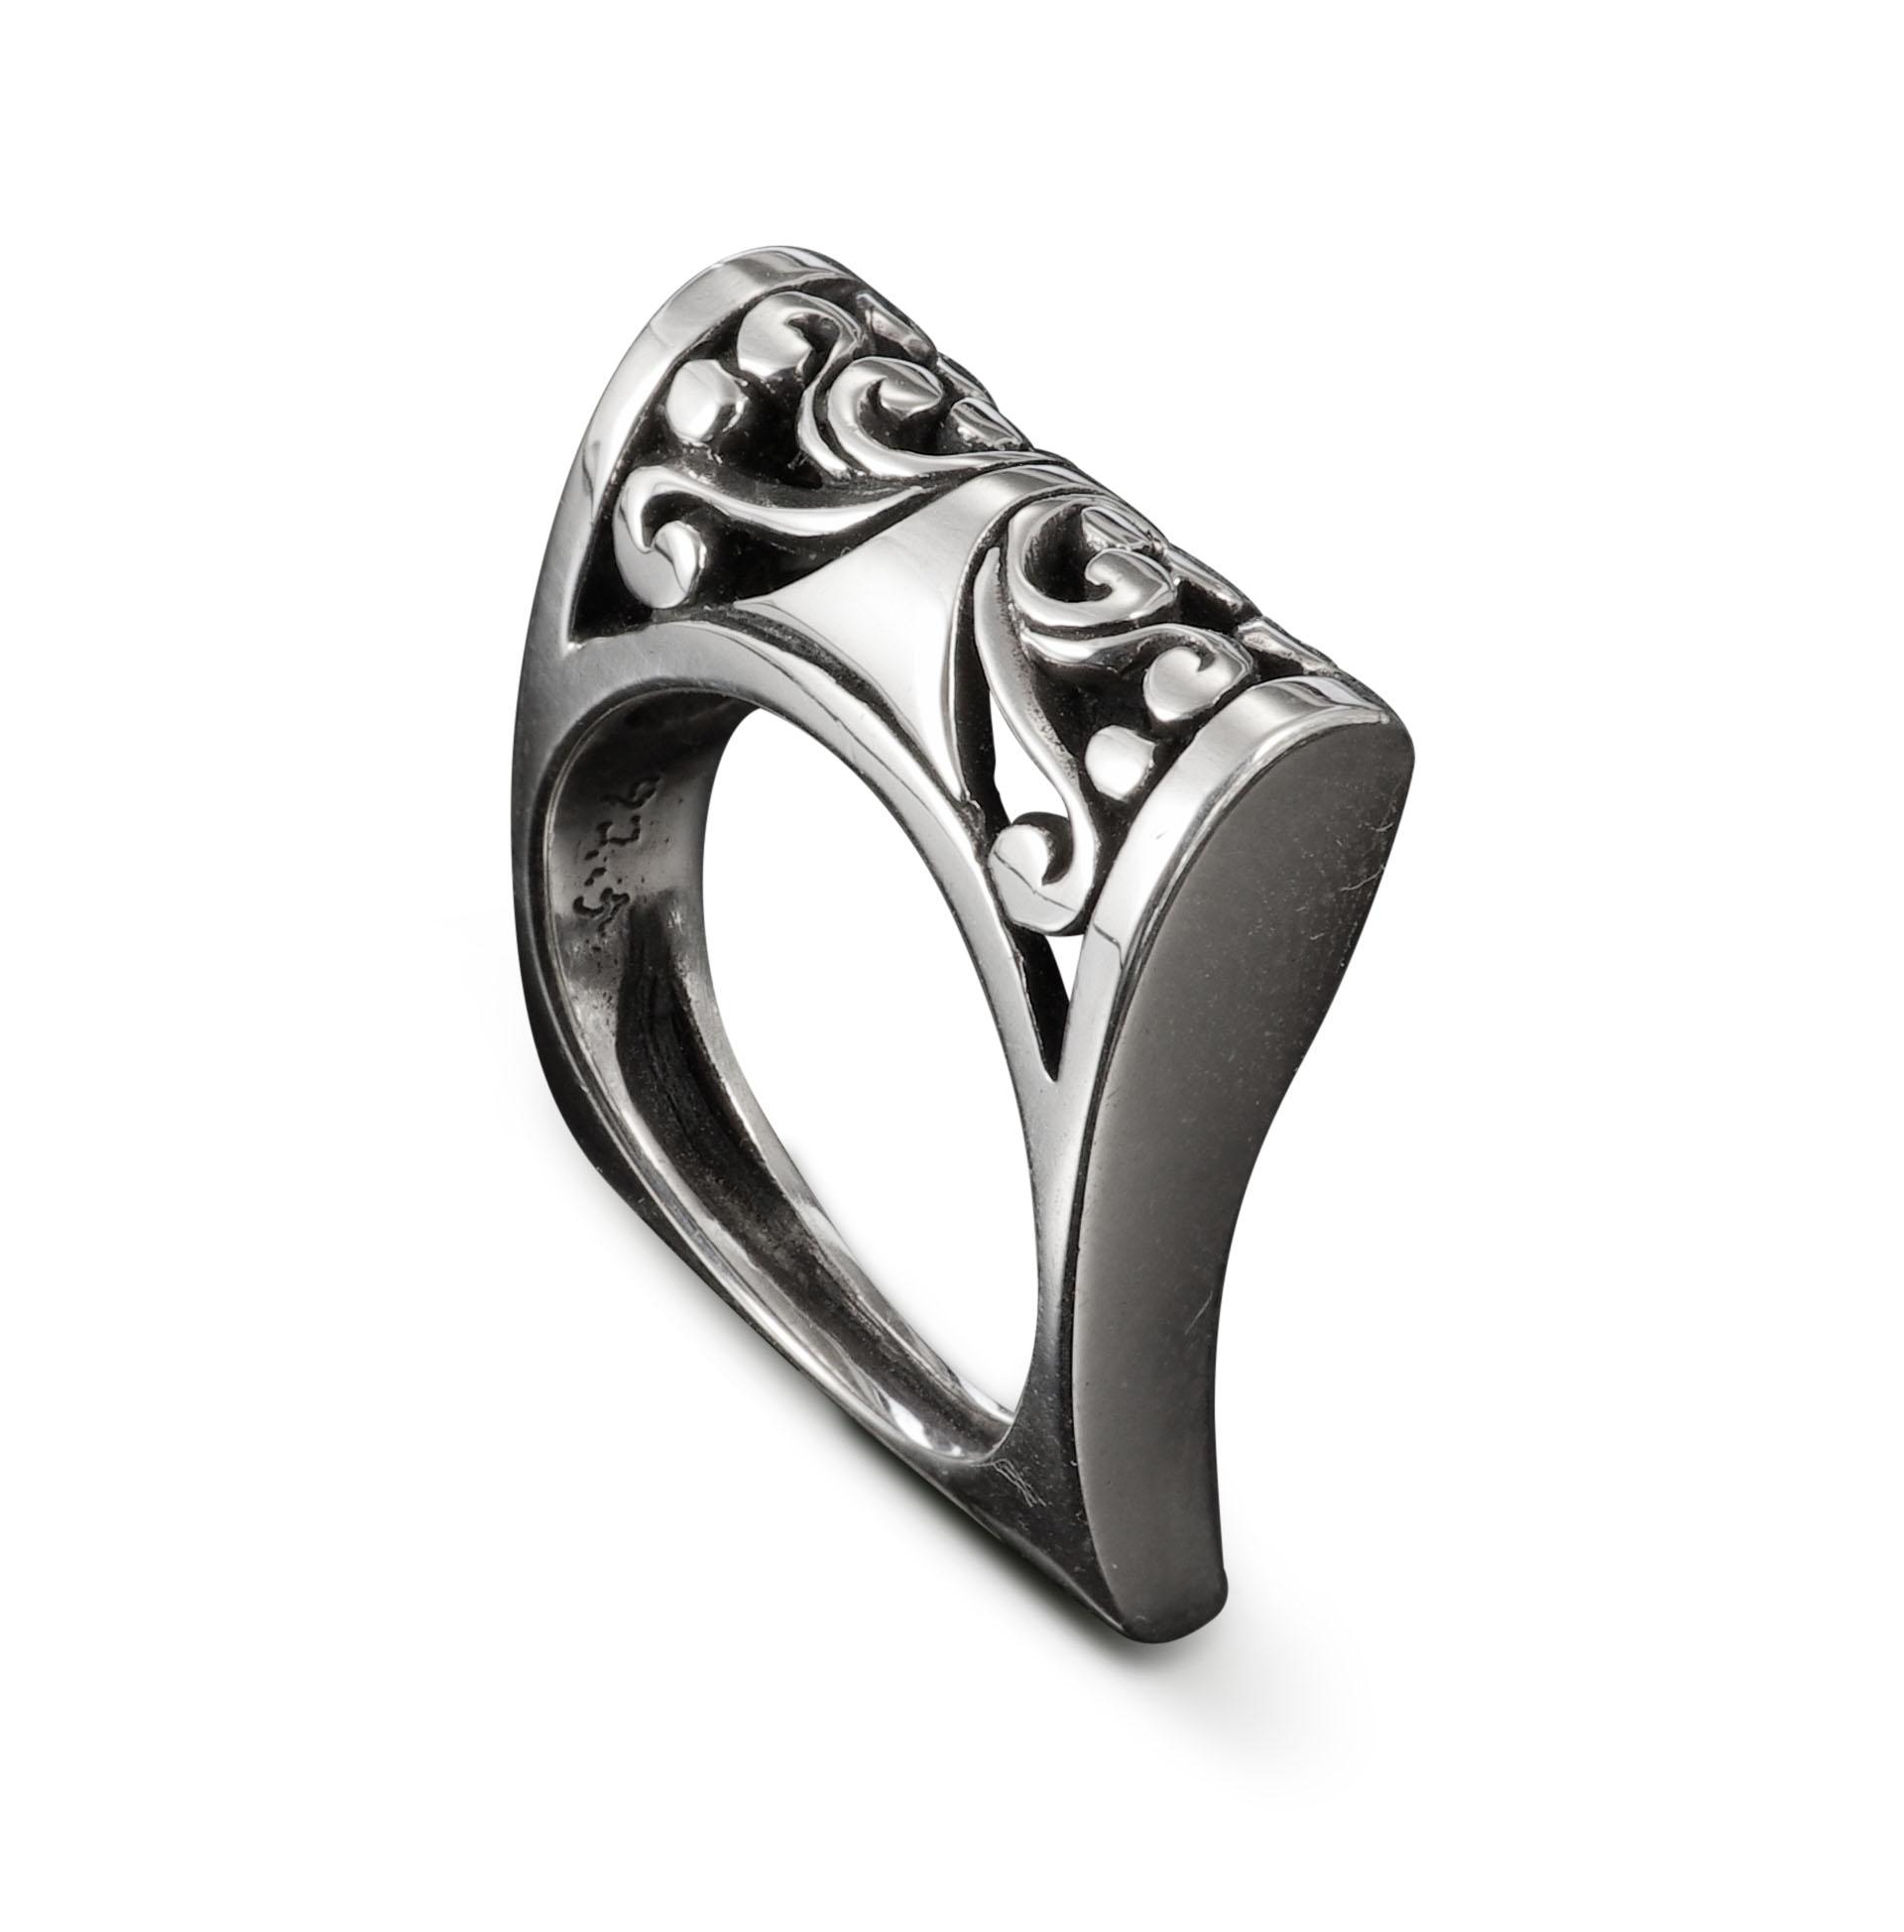 14273_KS105-silver-ring